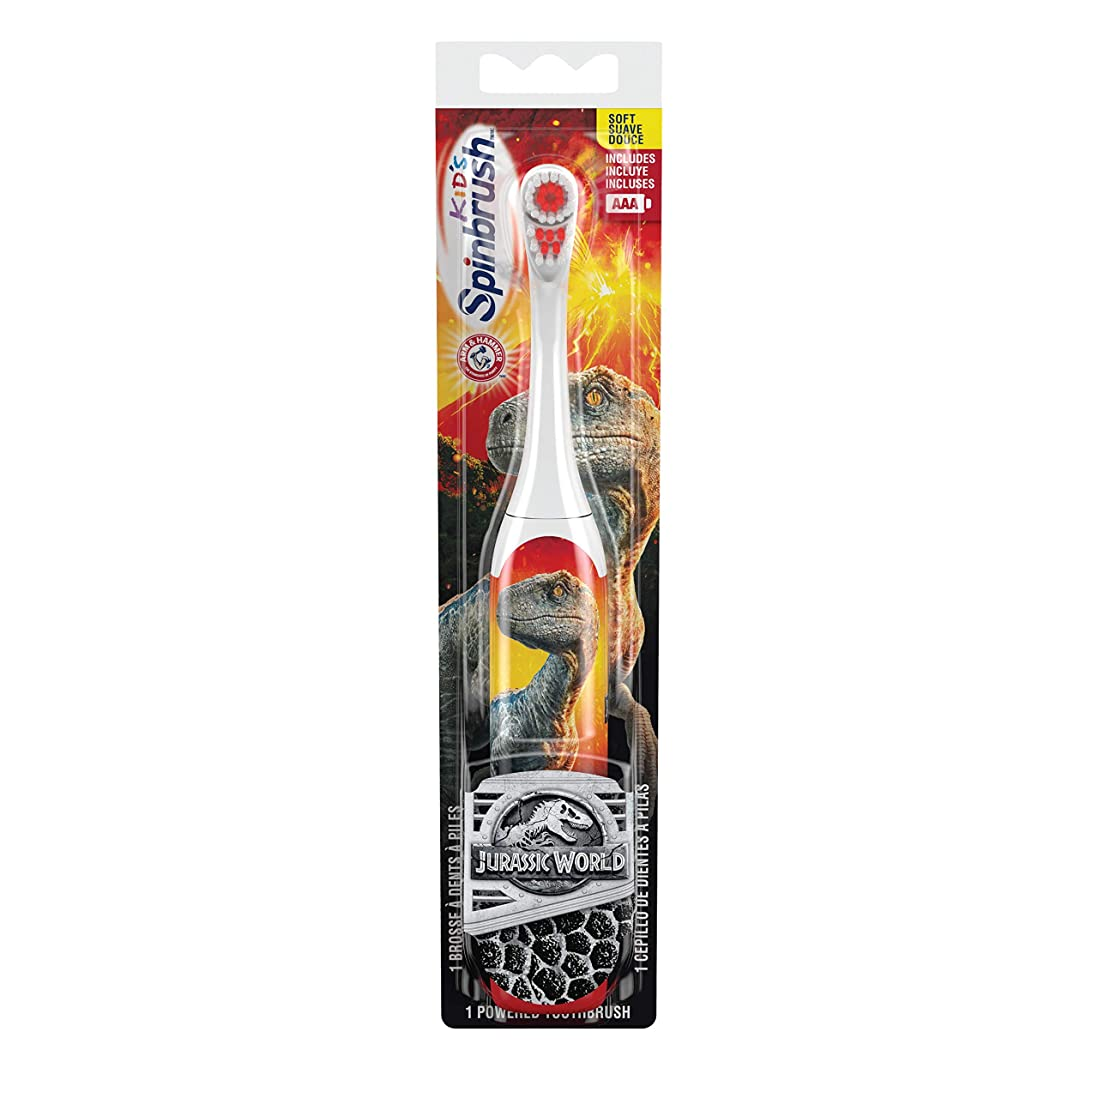 移行する属性メンテナンス海外直送品 お子様用ジェラシックワールド電動歯ブラシ 〈ソフト〉 ARM & HAMMER? Spinbrush? Jurrassic World 1 Powerd Thoothblash Soft